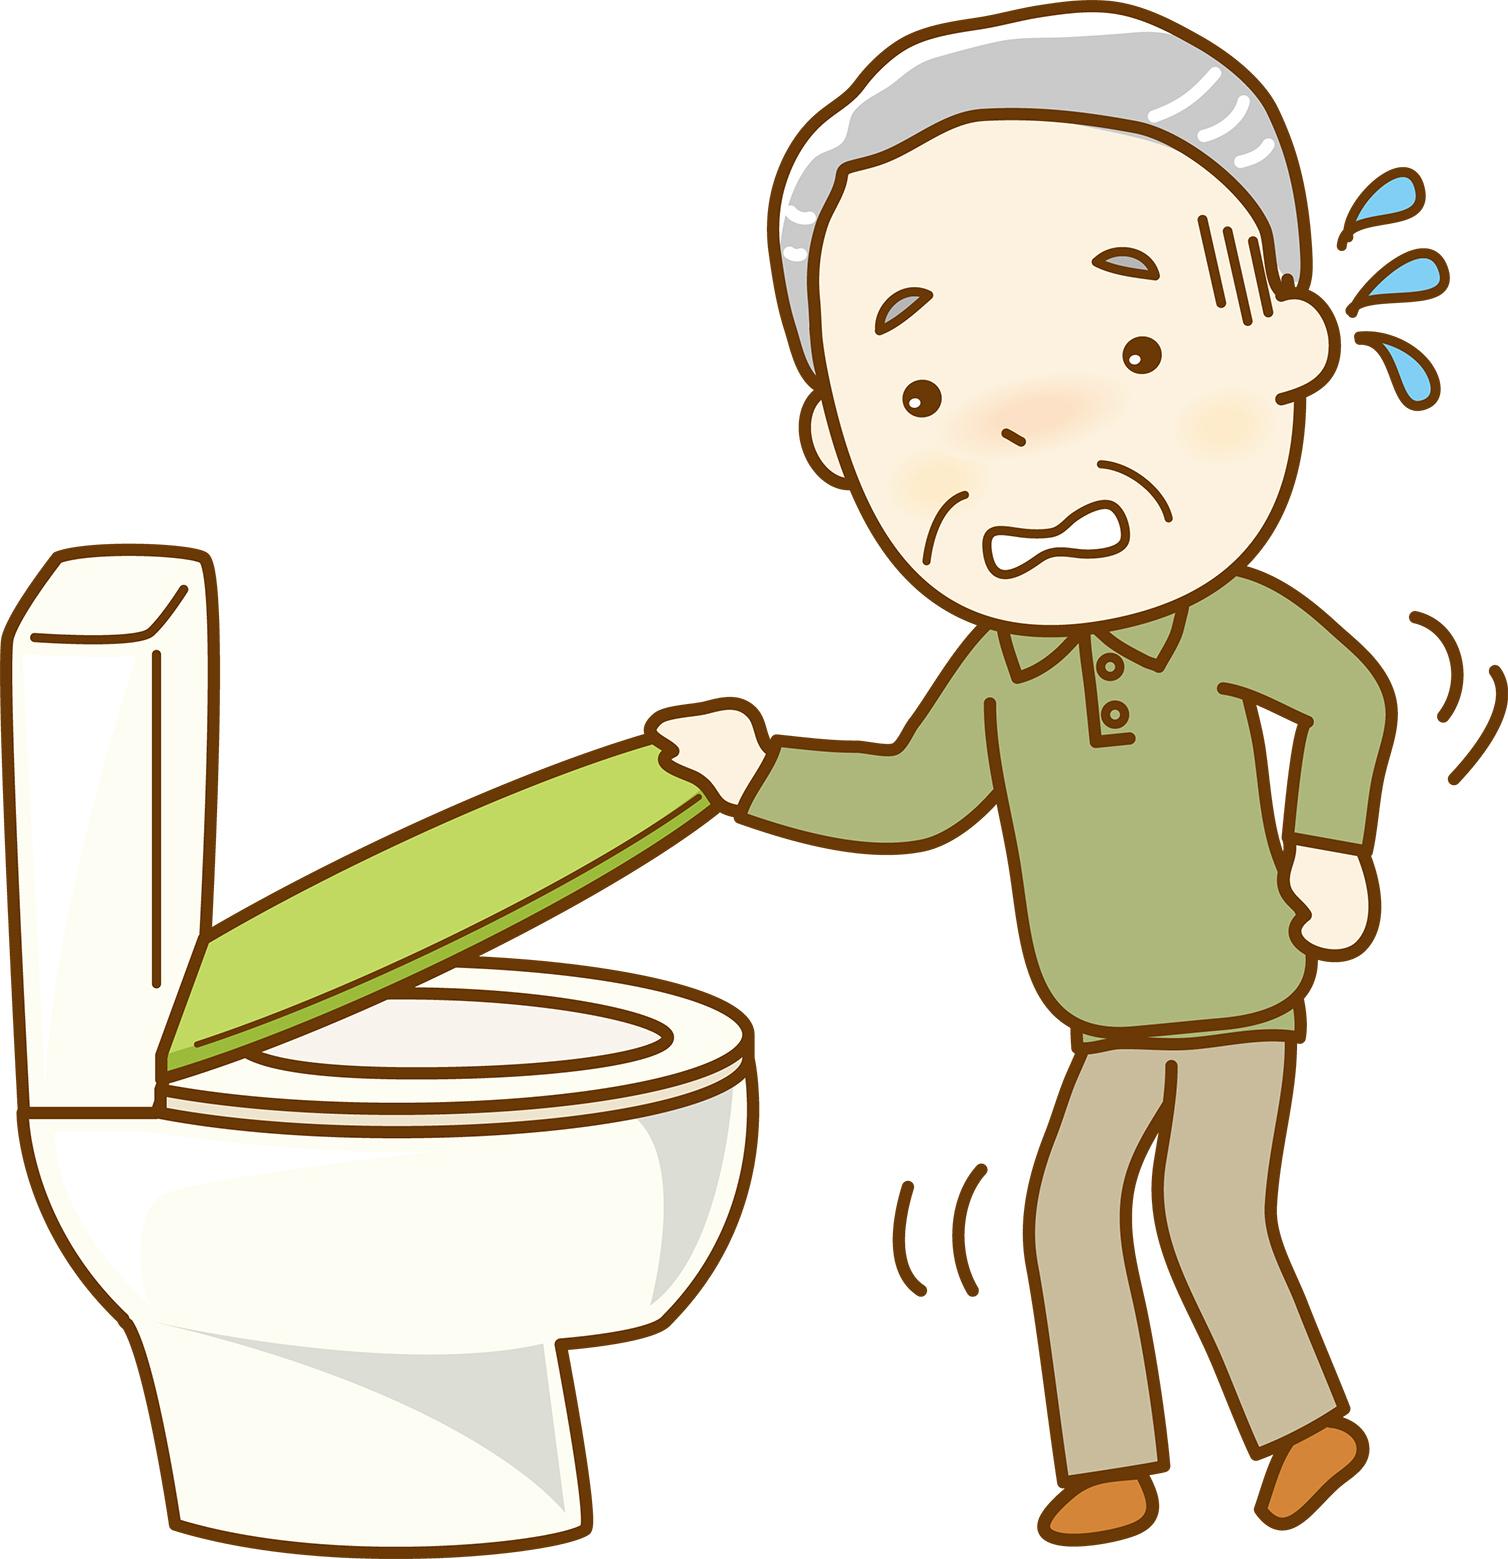 トイレの誘導を拒否する認知症の人に対しての対応